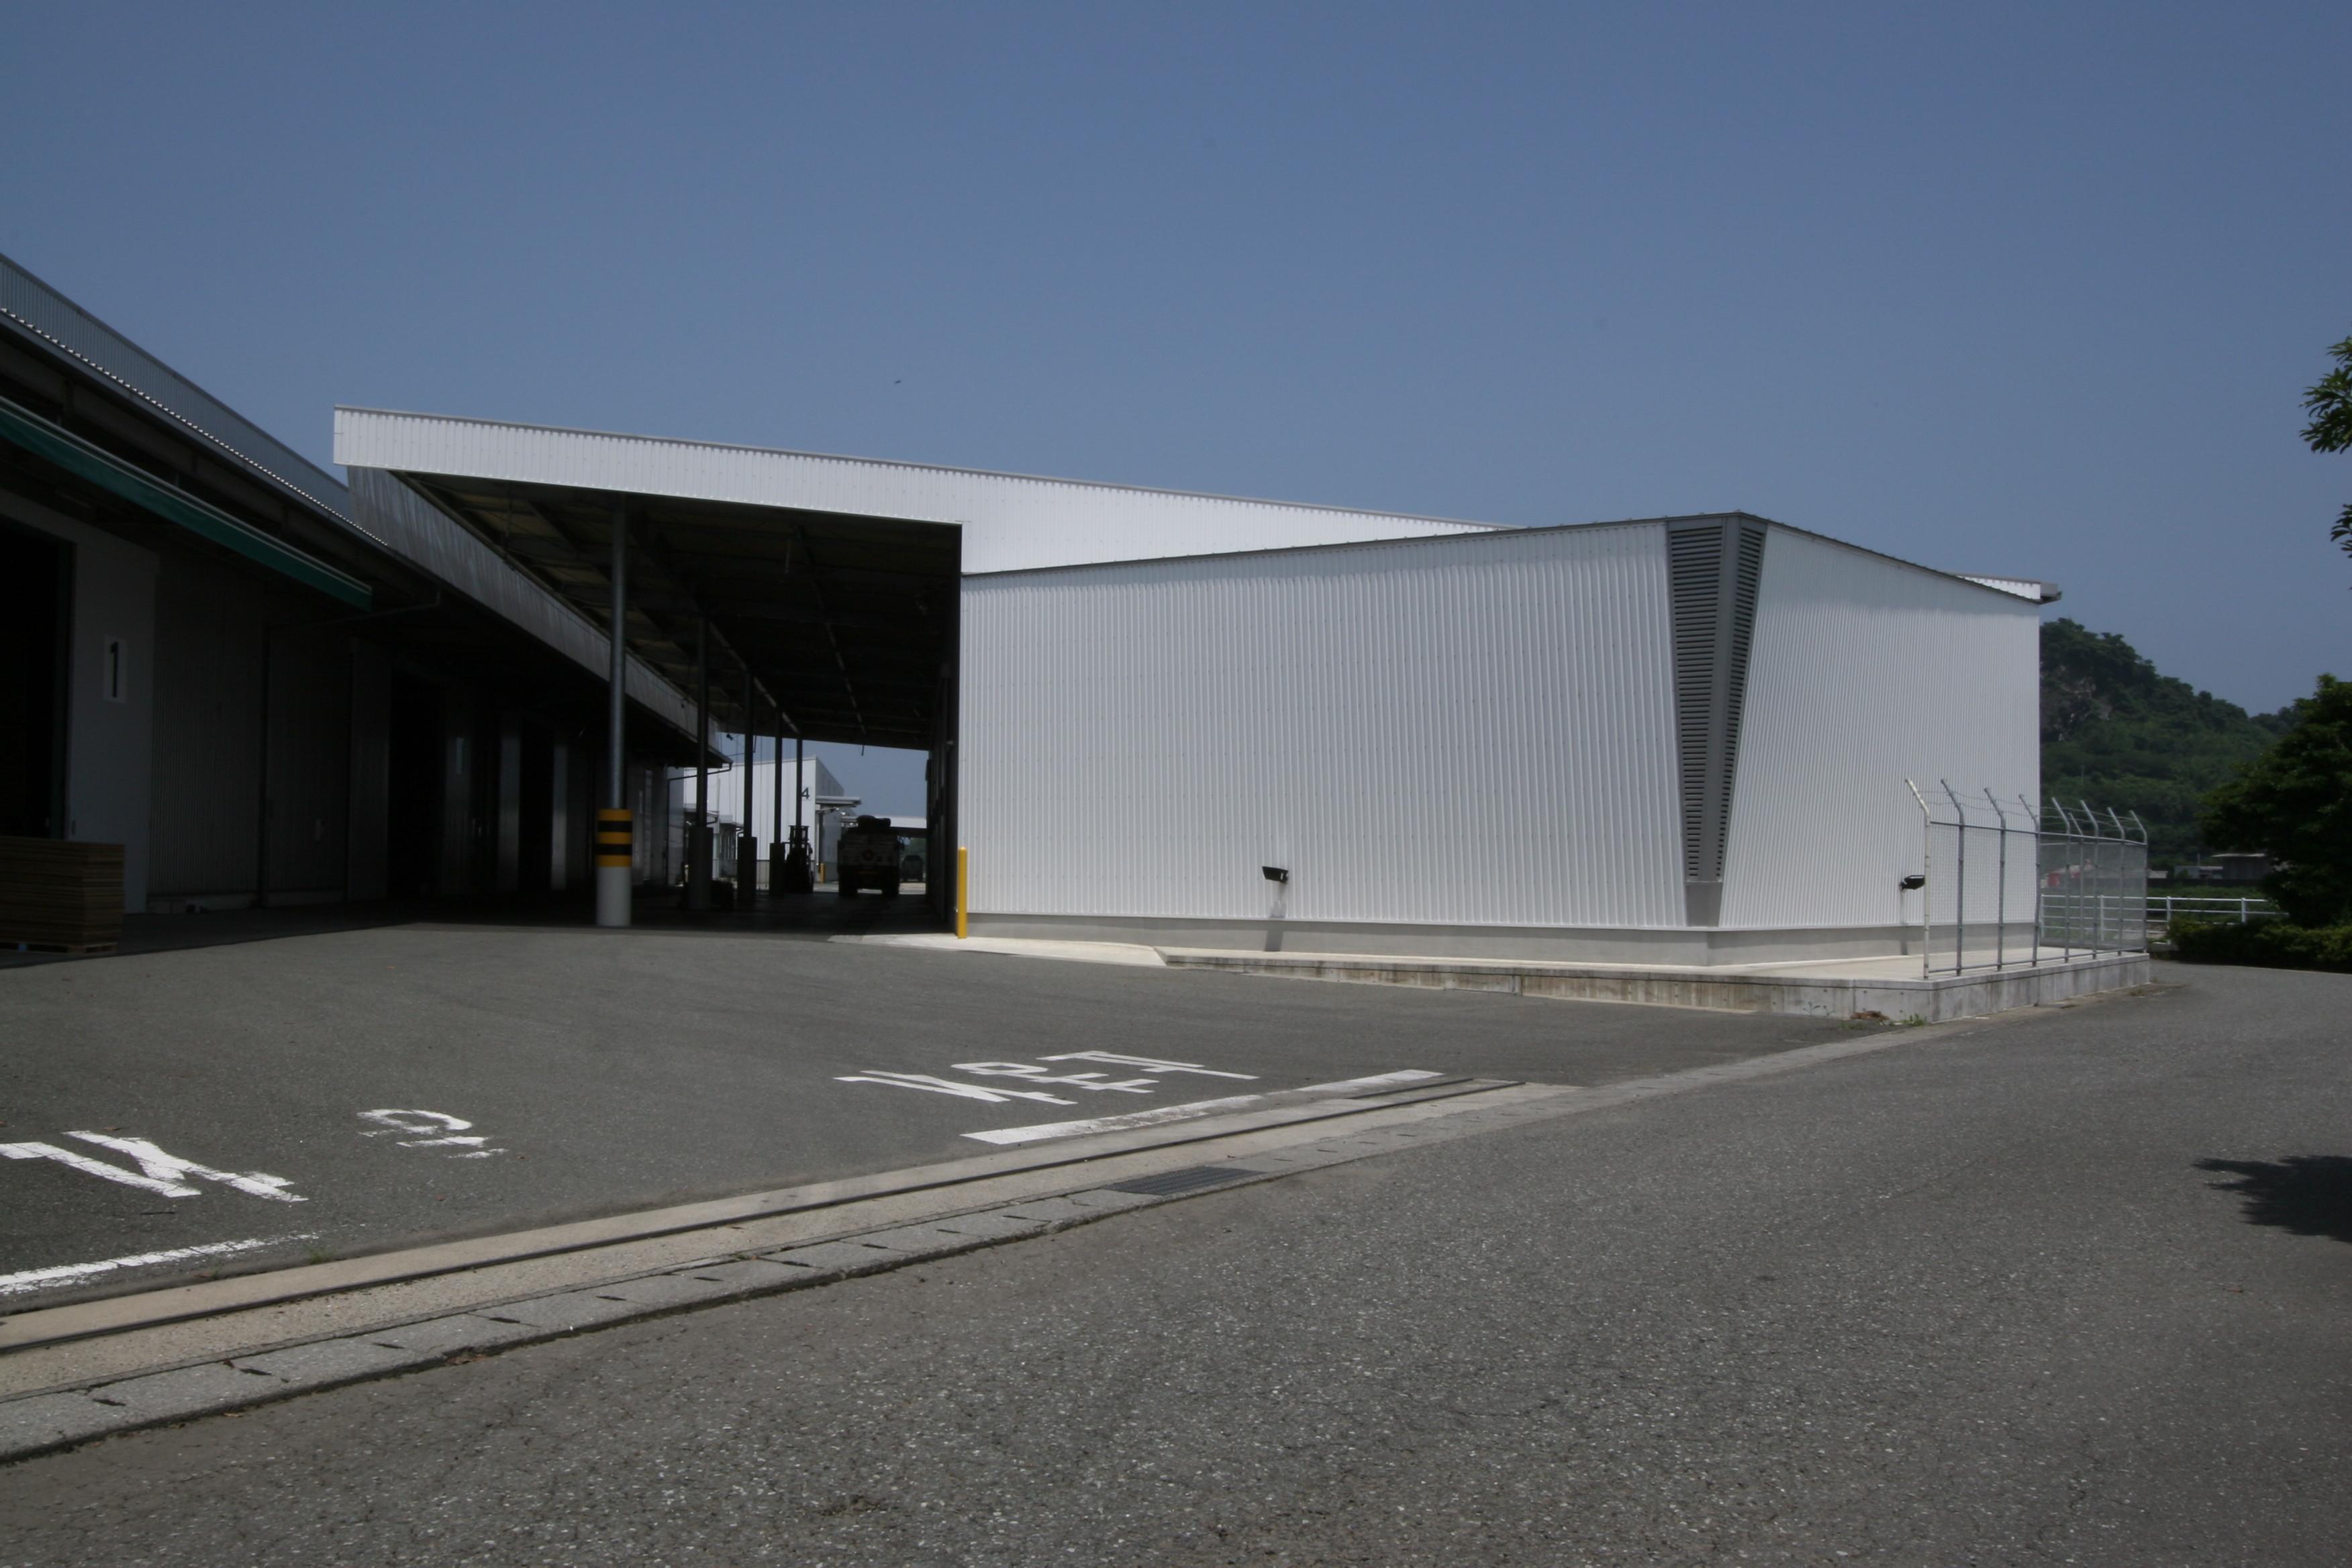 松木運輸9号倉庫